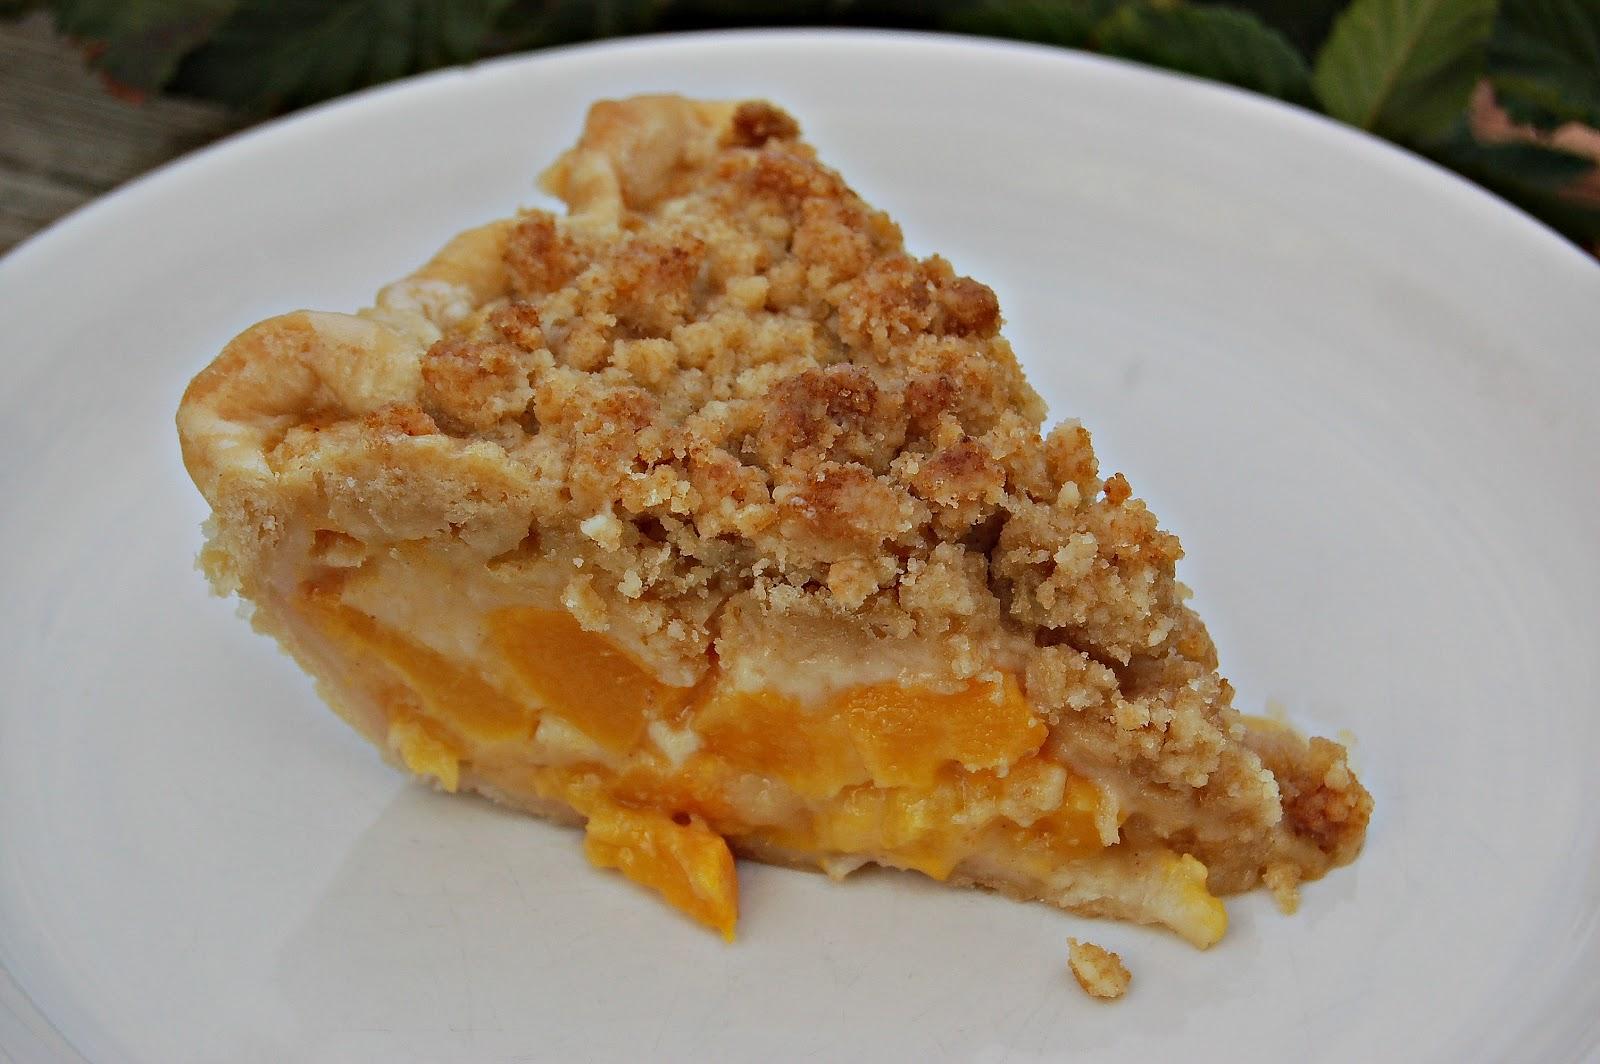 bouffe e bambini: Peach Crumble Top Pie